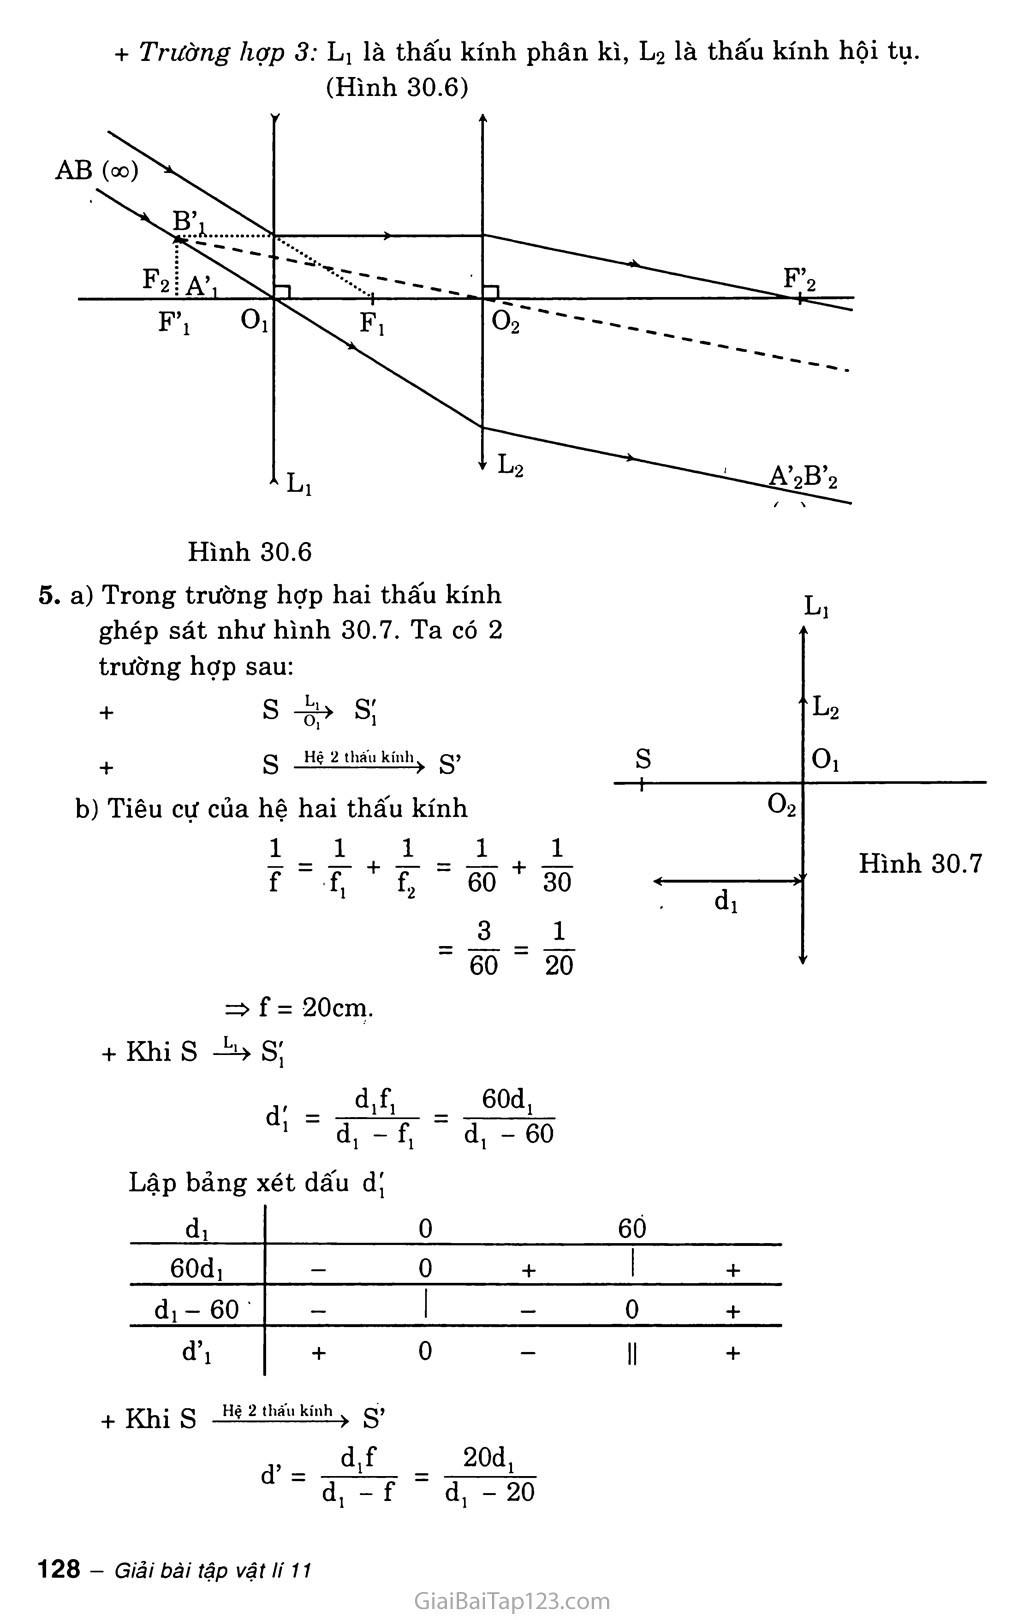 Bài 30: Giải bài toán về hệ thấu kính trang 7